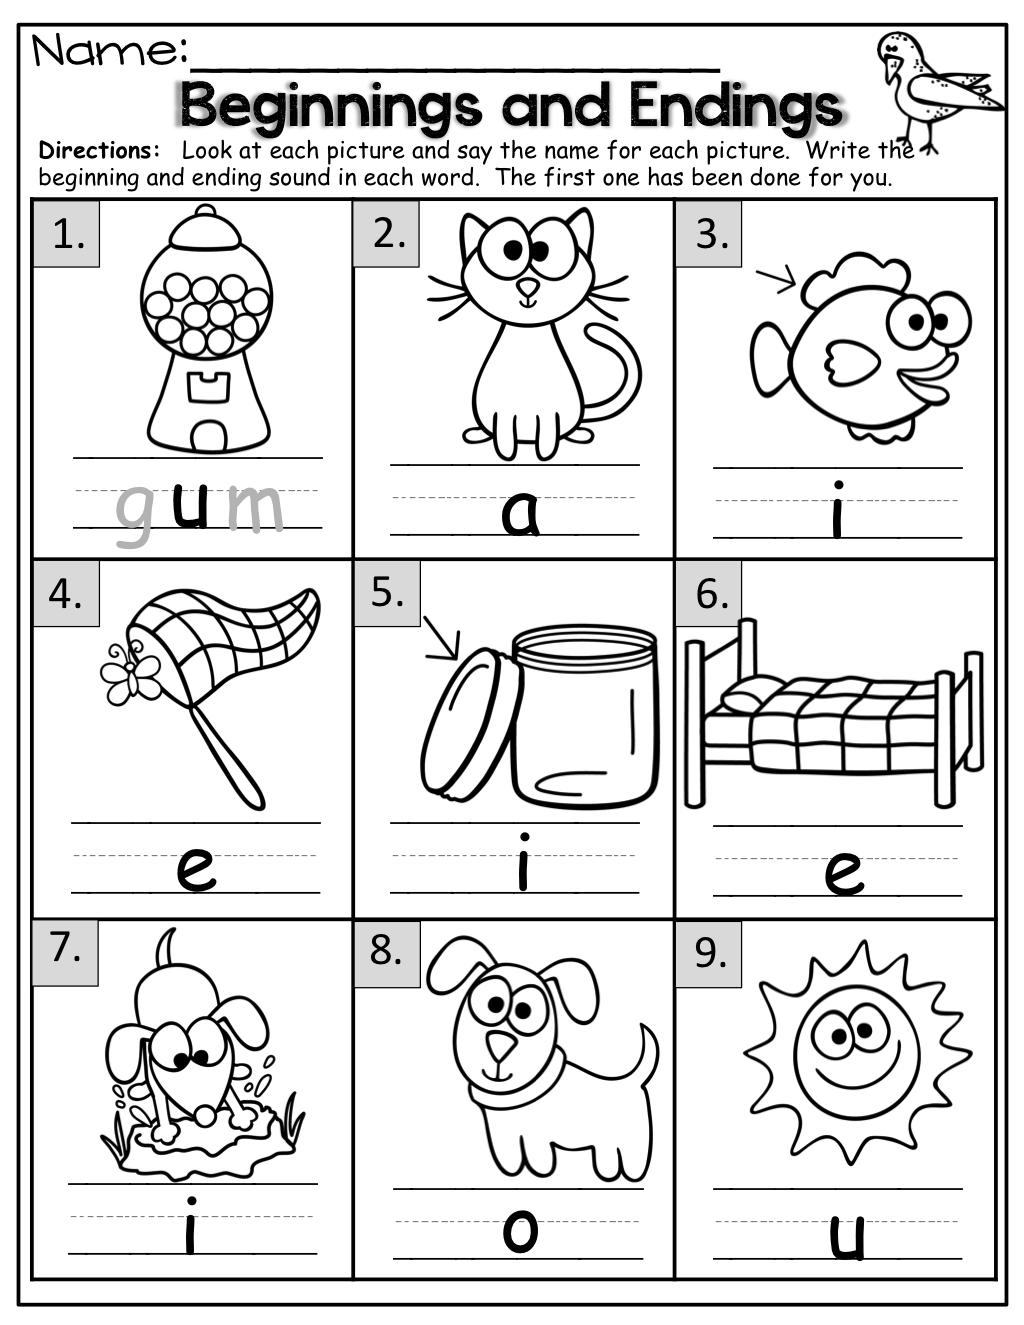 Beginning And Ending Sound Worksheets For Kindergarten